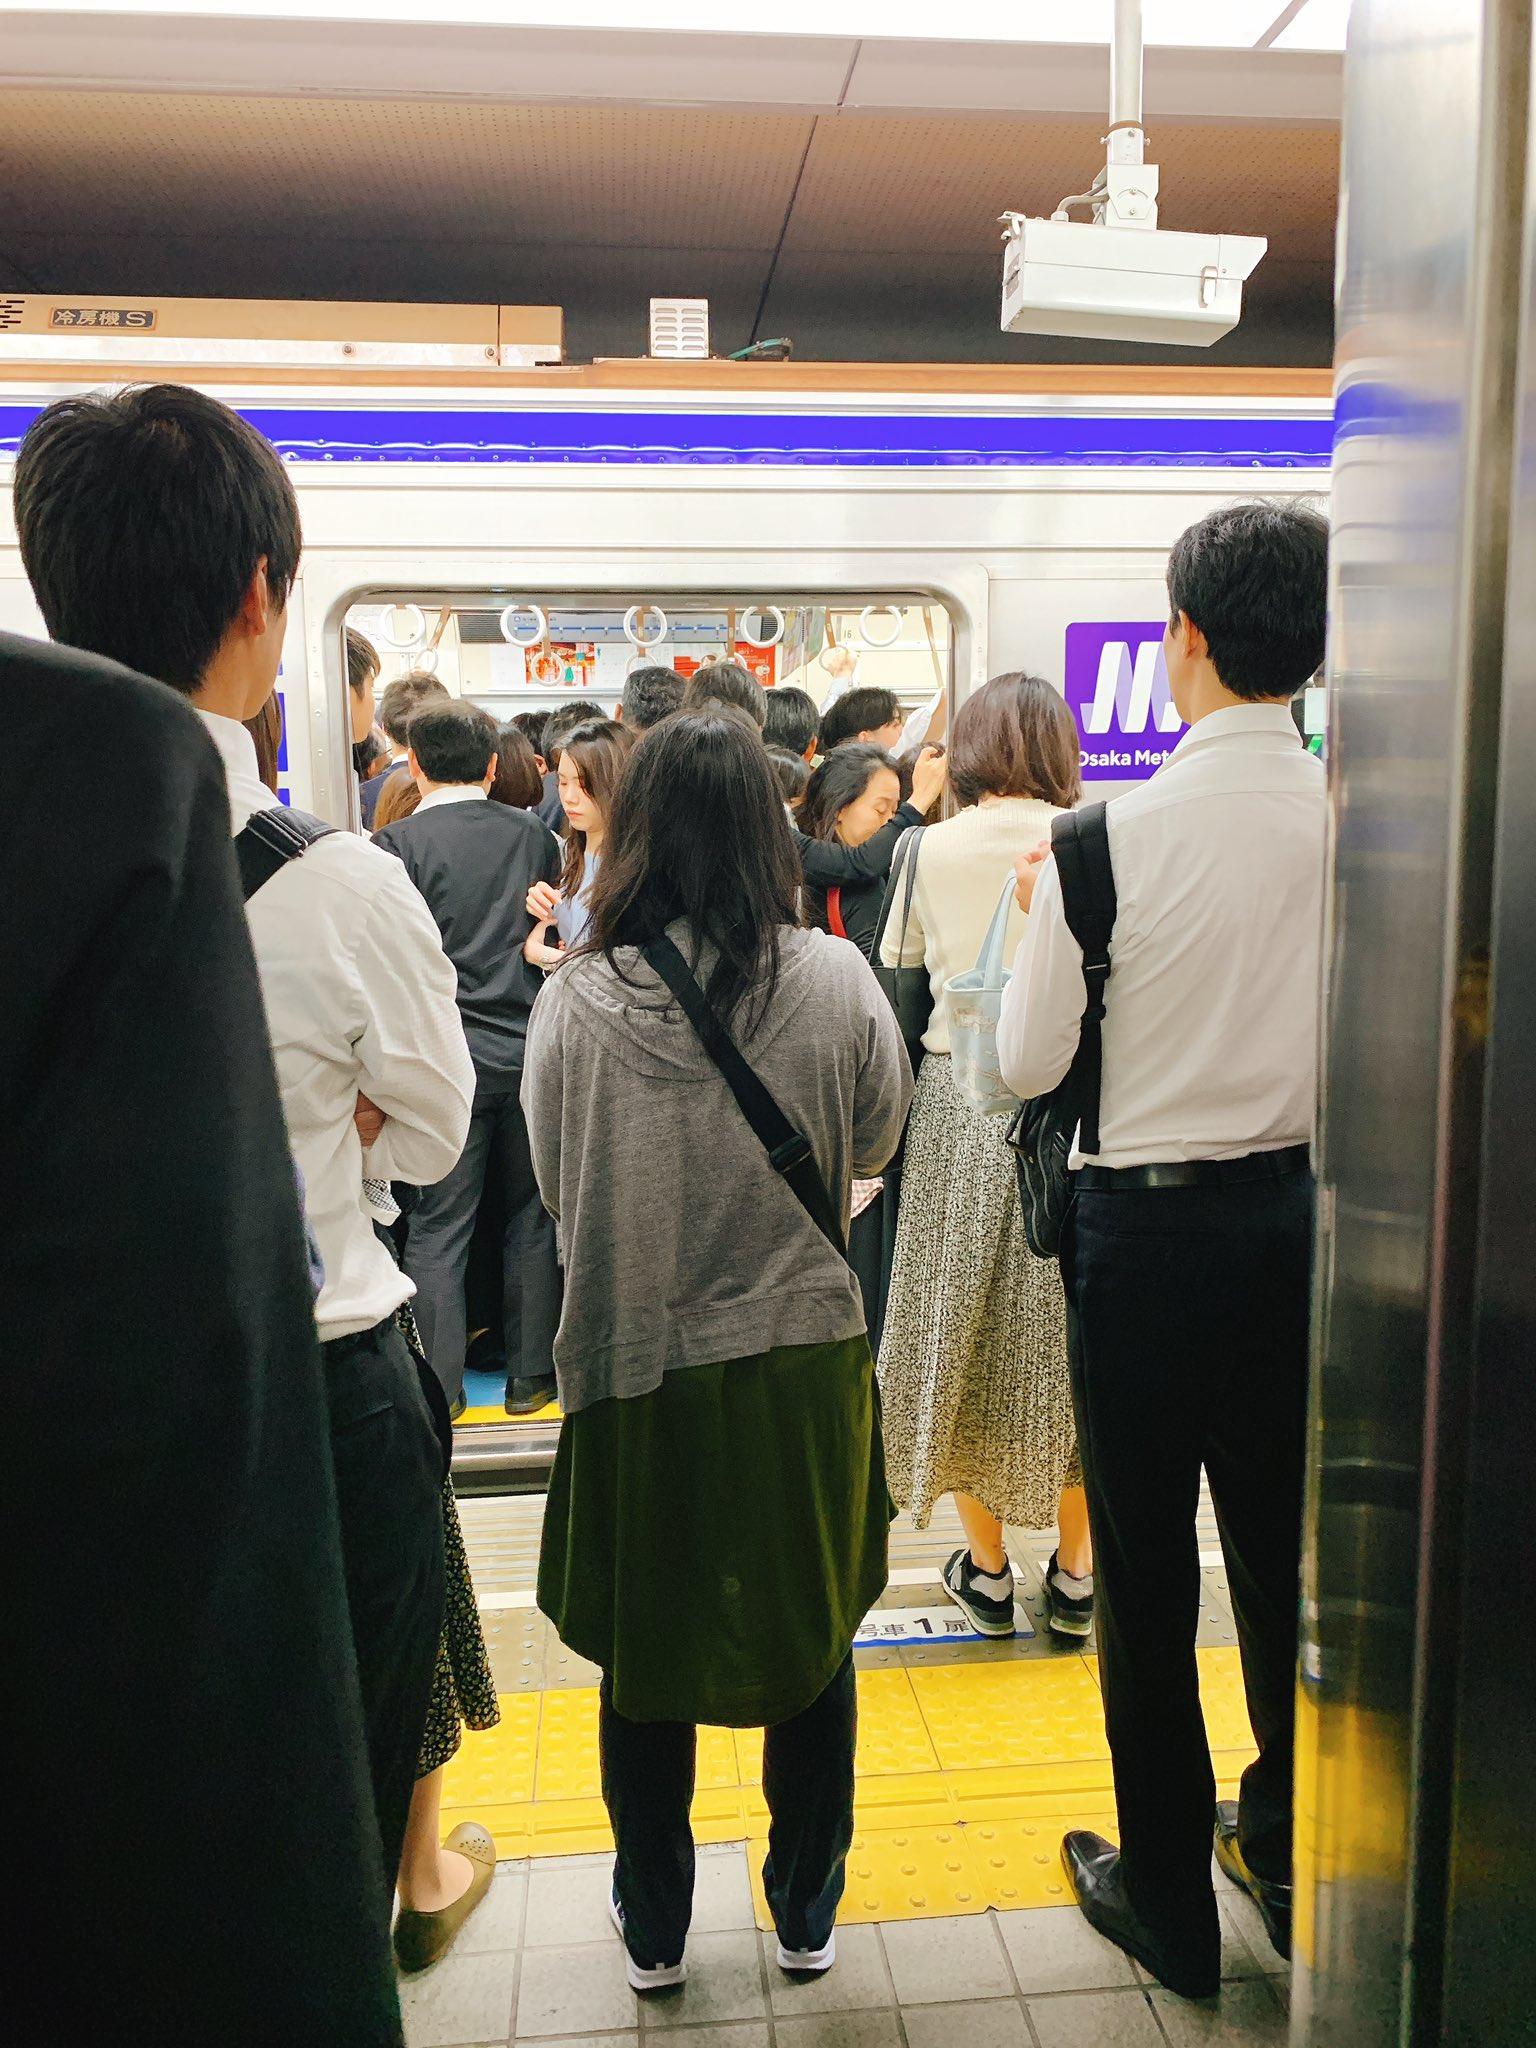 画像,大阪メトロ御堂筋線で人身事故発生!運転見合わせ中なので四つ橋線で振り替えもなんば駅は大混雑!!なかなか乗れない https://t.co/jgTO04LLcX…